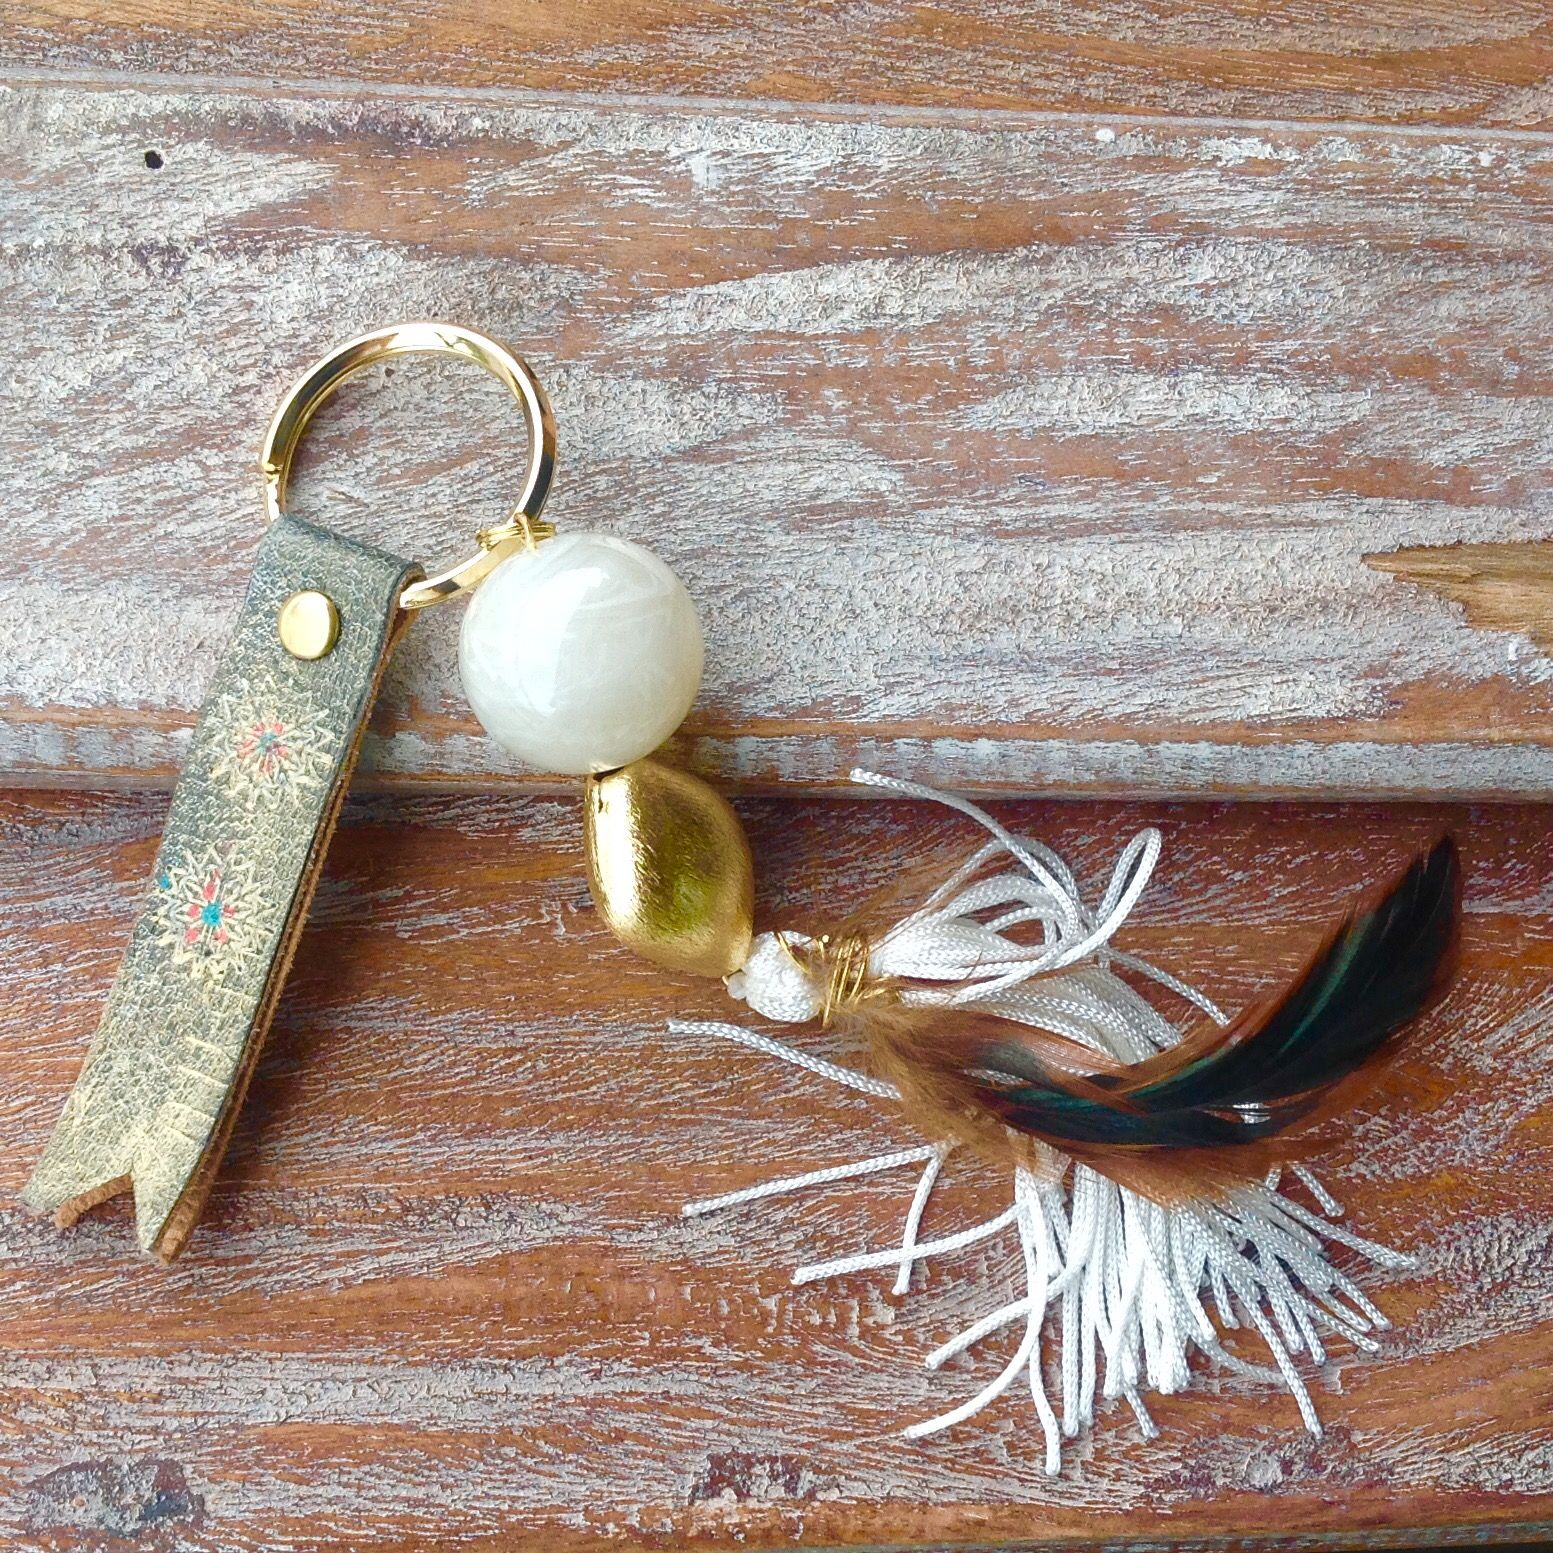 Donde estan las llaves?disponible llavero mujer estilo boho en tienda www.boadabylu.com Boho#estiloboho#mujer#moda#llavero#otoño#chic#